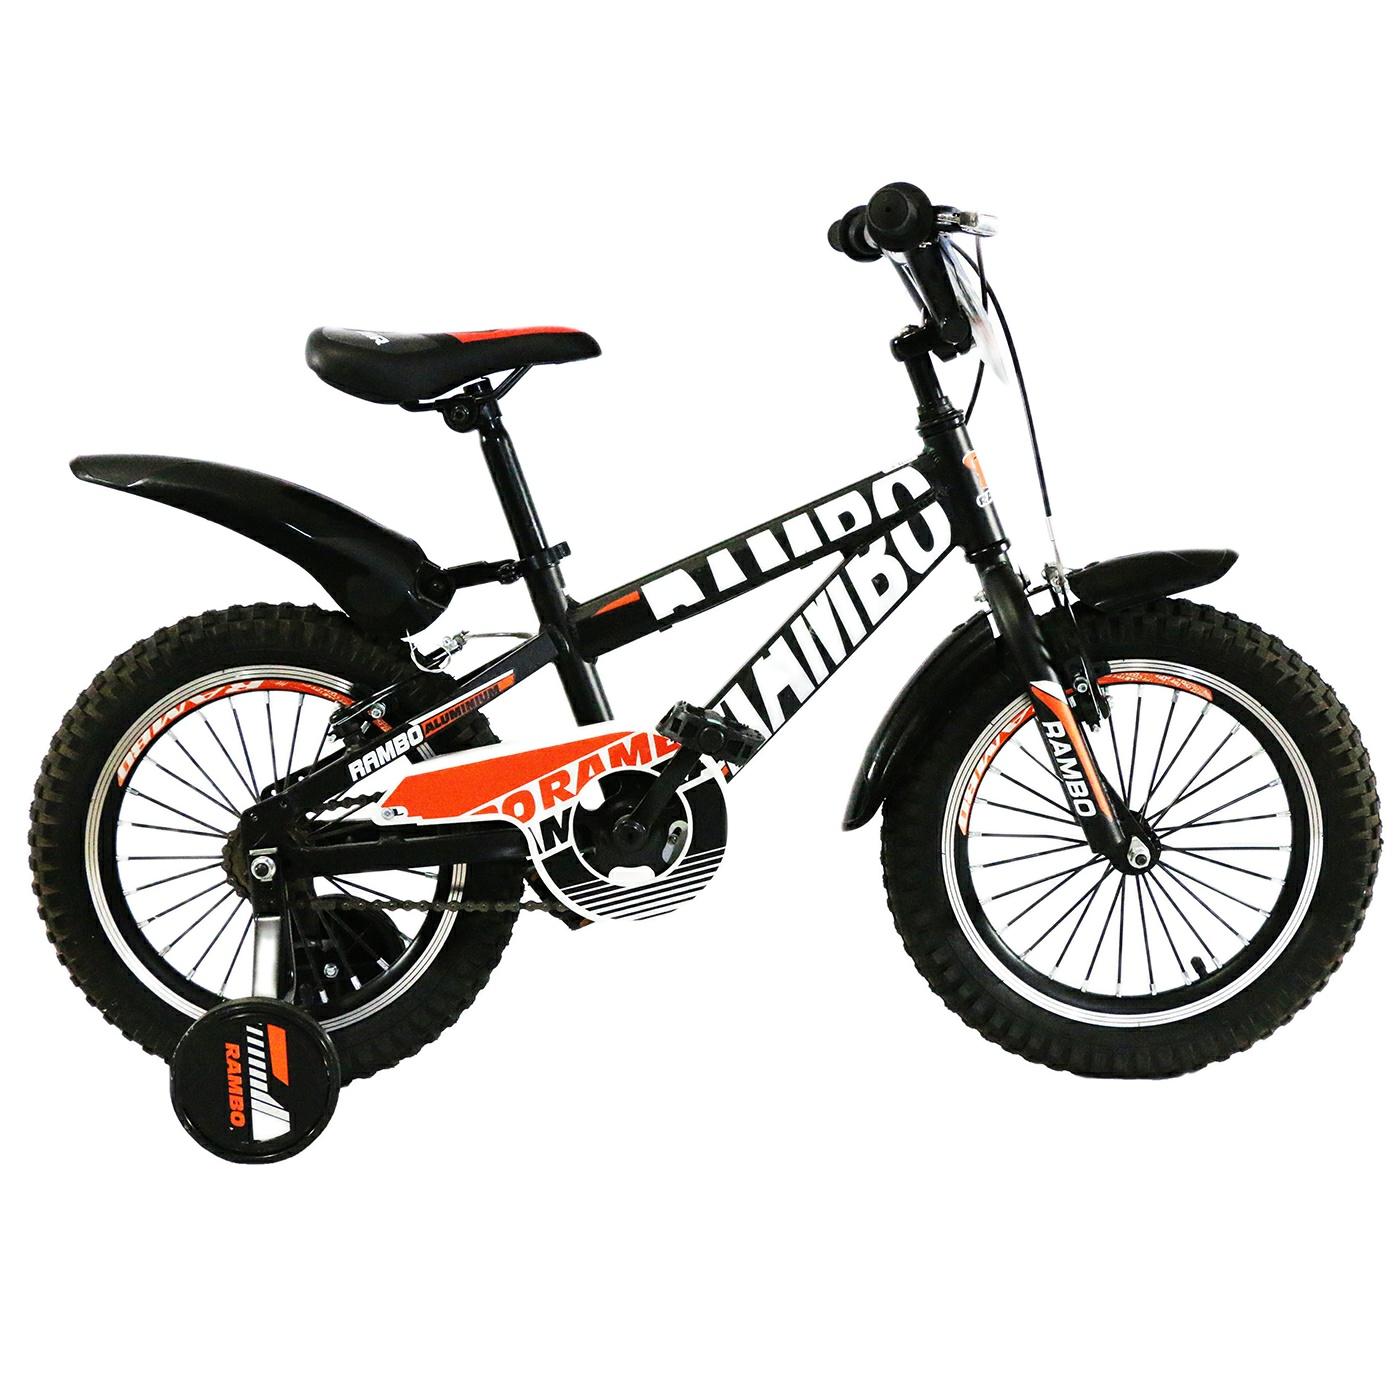 دوچرخه شهری رامبو مدل 16172 سایز 16